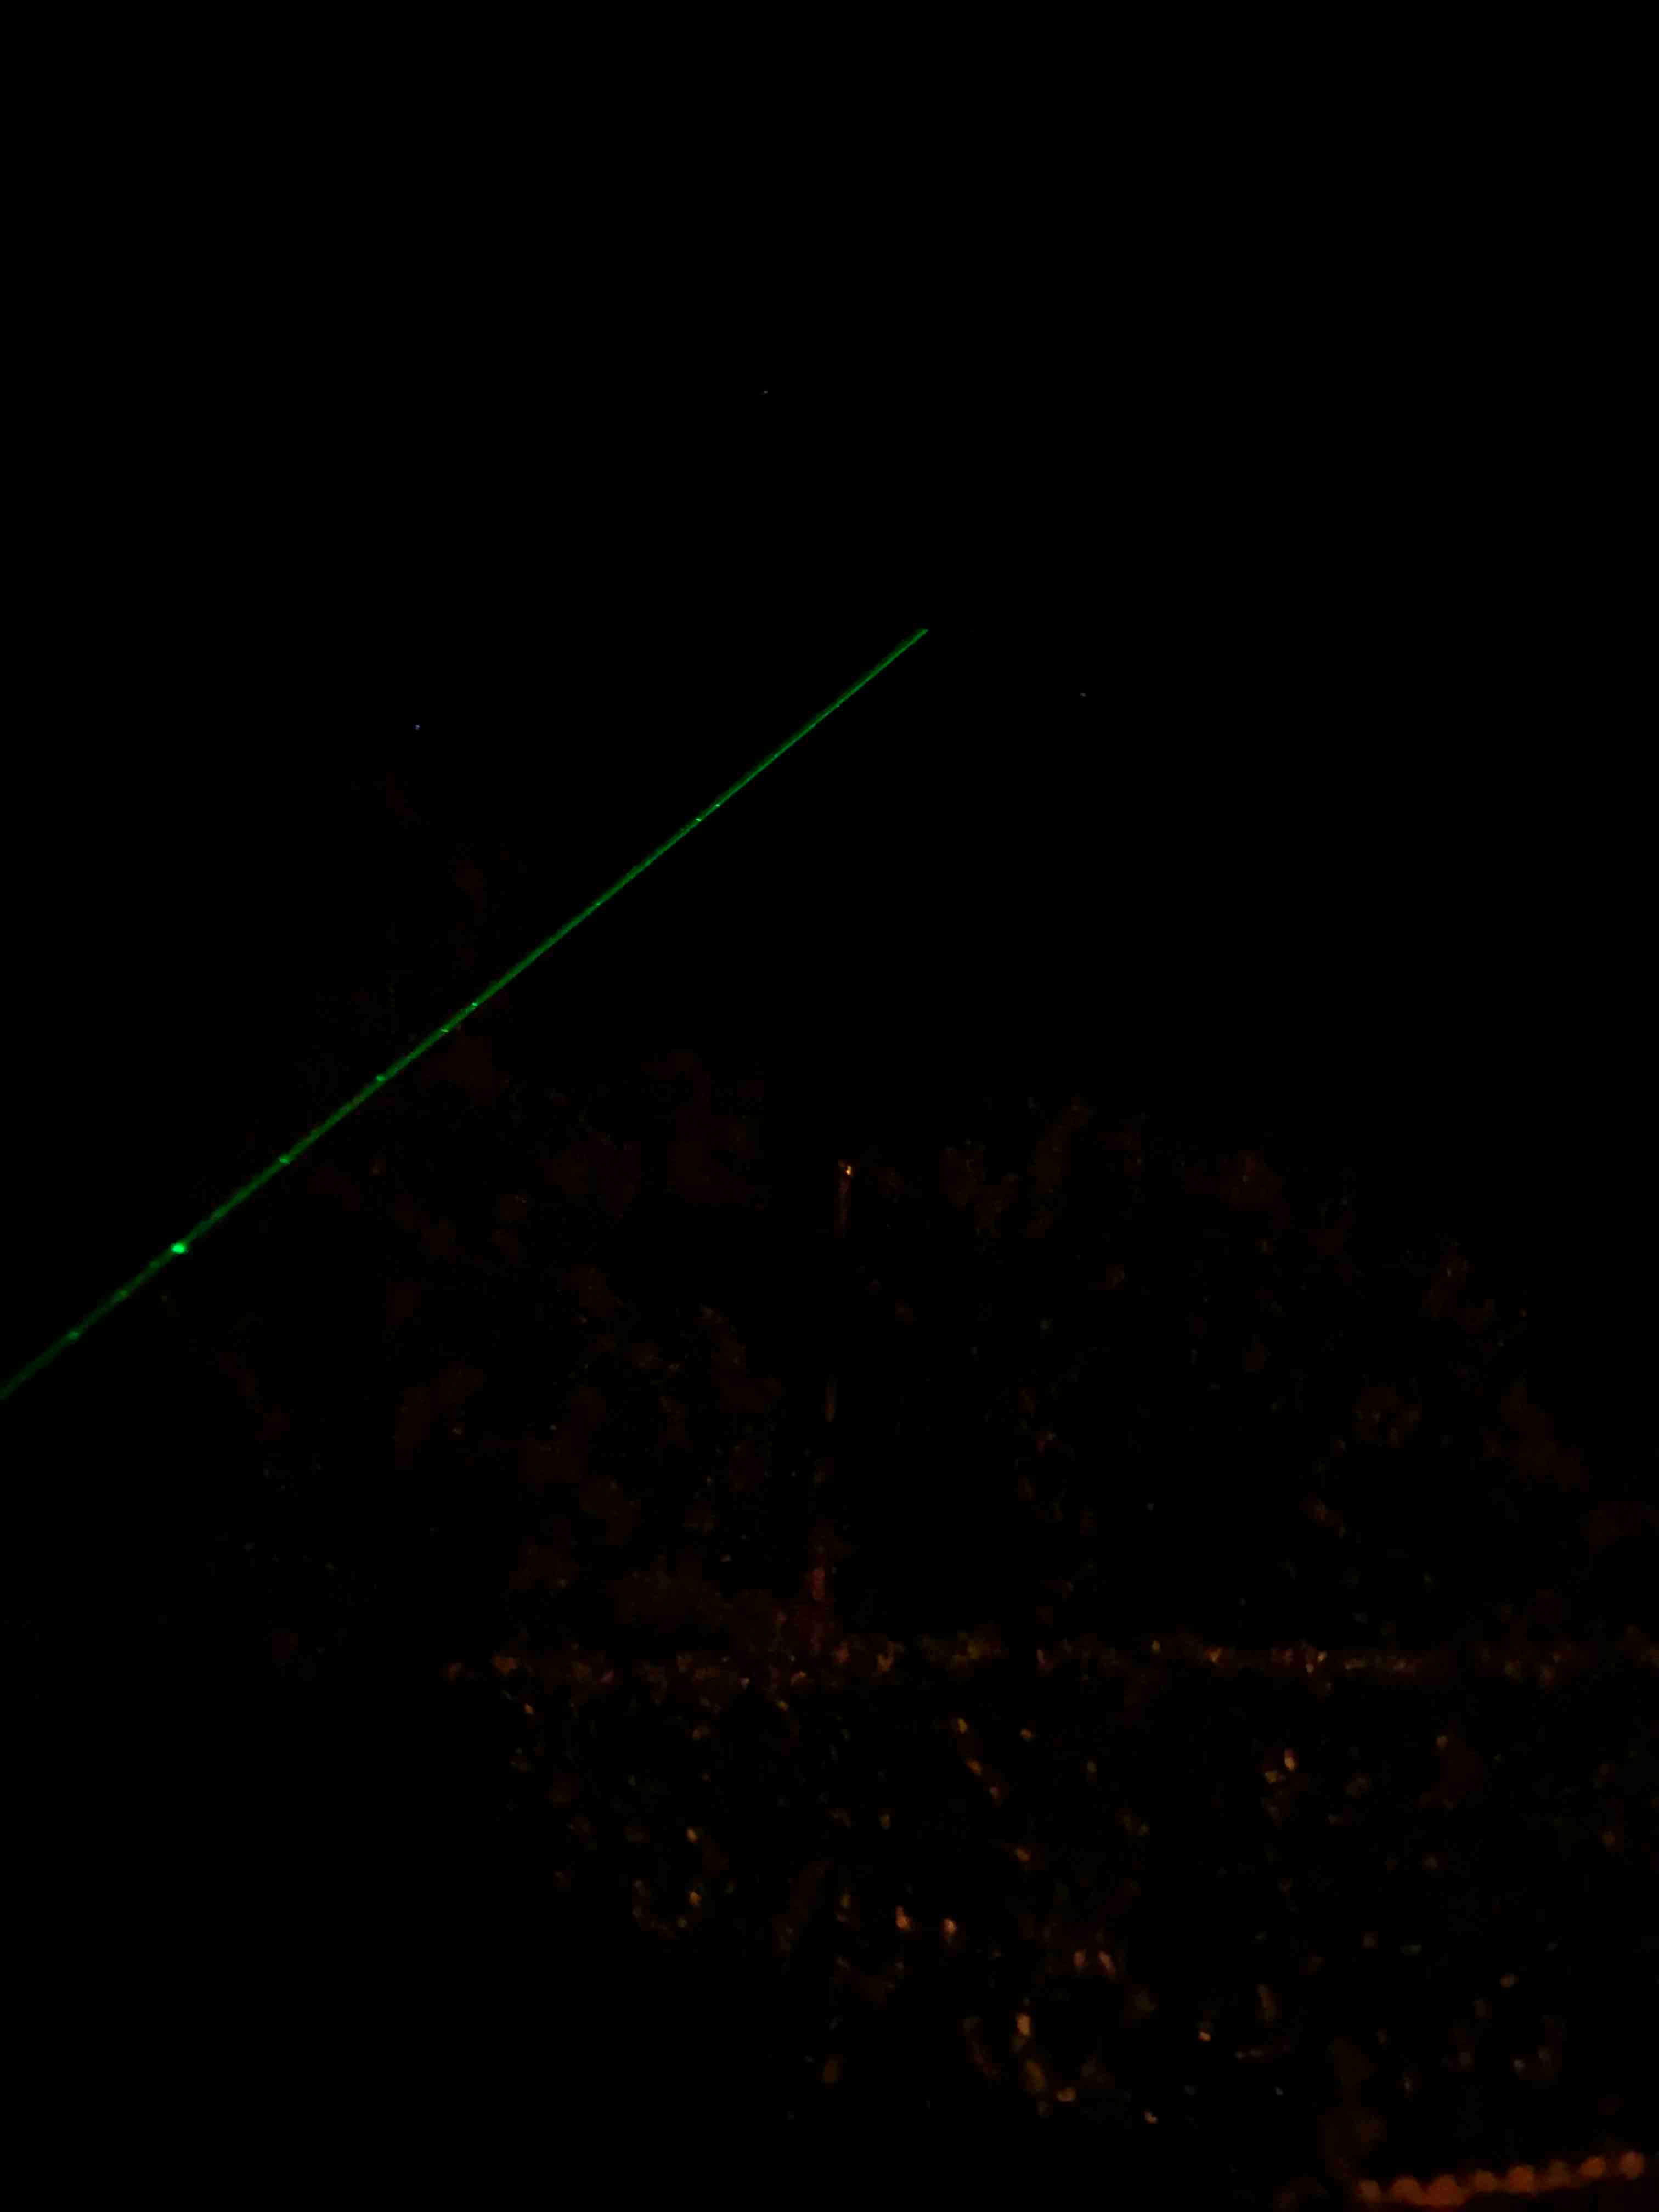 Pointeur laser astronomie classe 3B autorisé en France